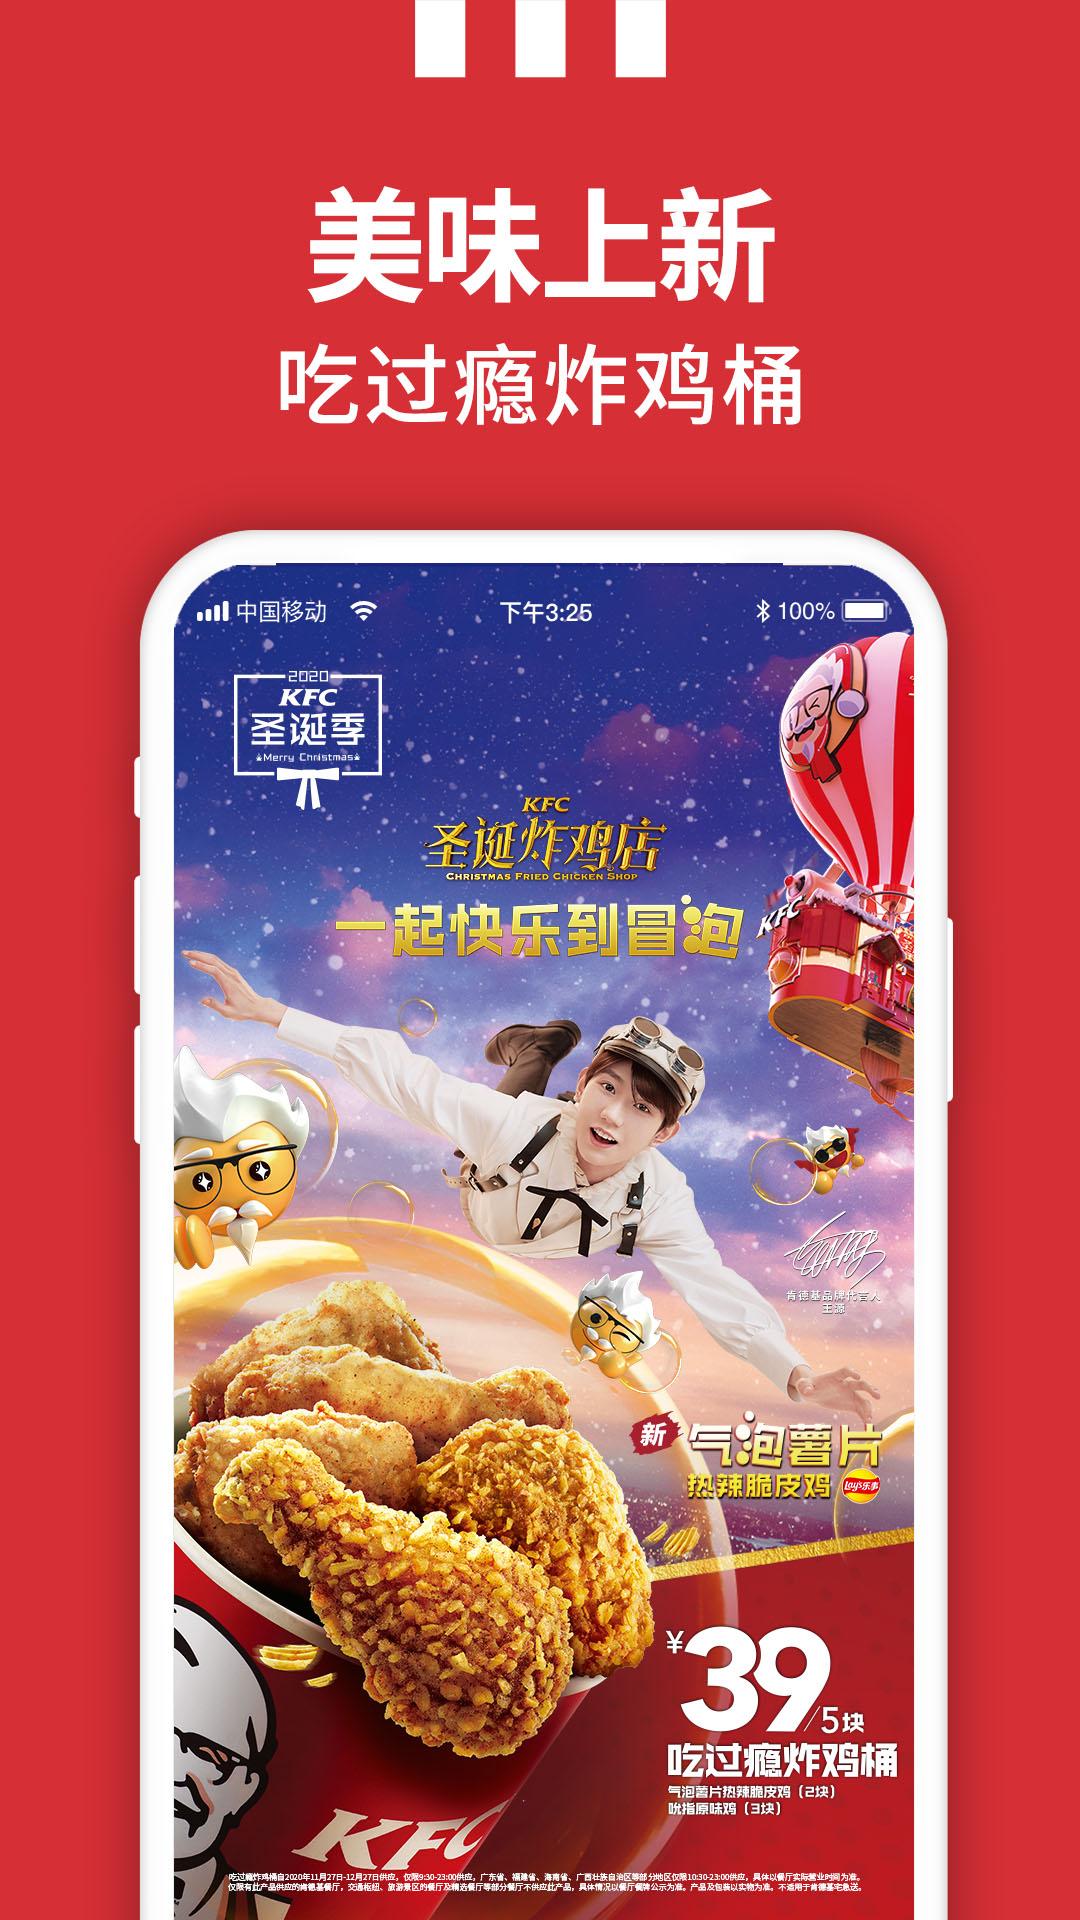 肯德基KFC下载-肯德基App-肯德基安卓/苹果版/电脑版安装-飞翔软件肯德基下载